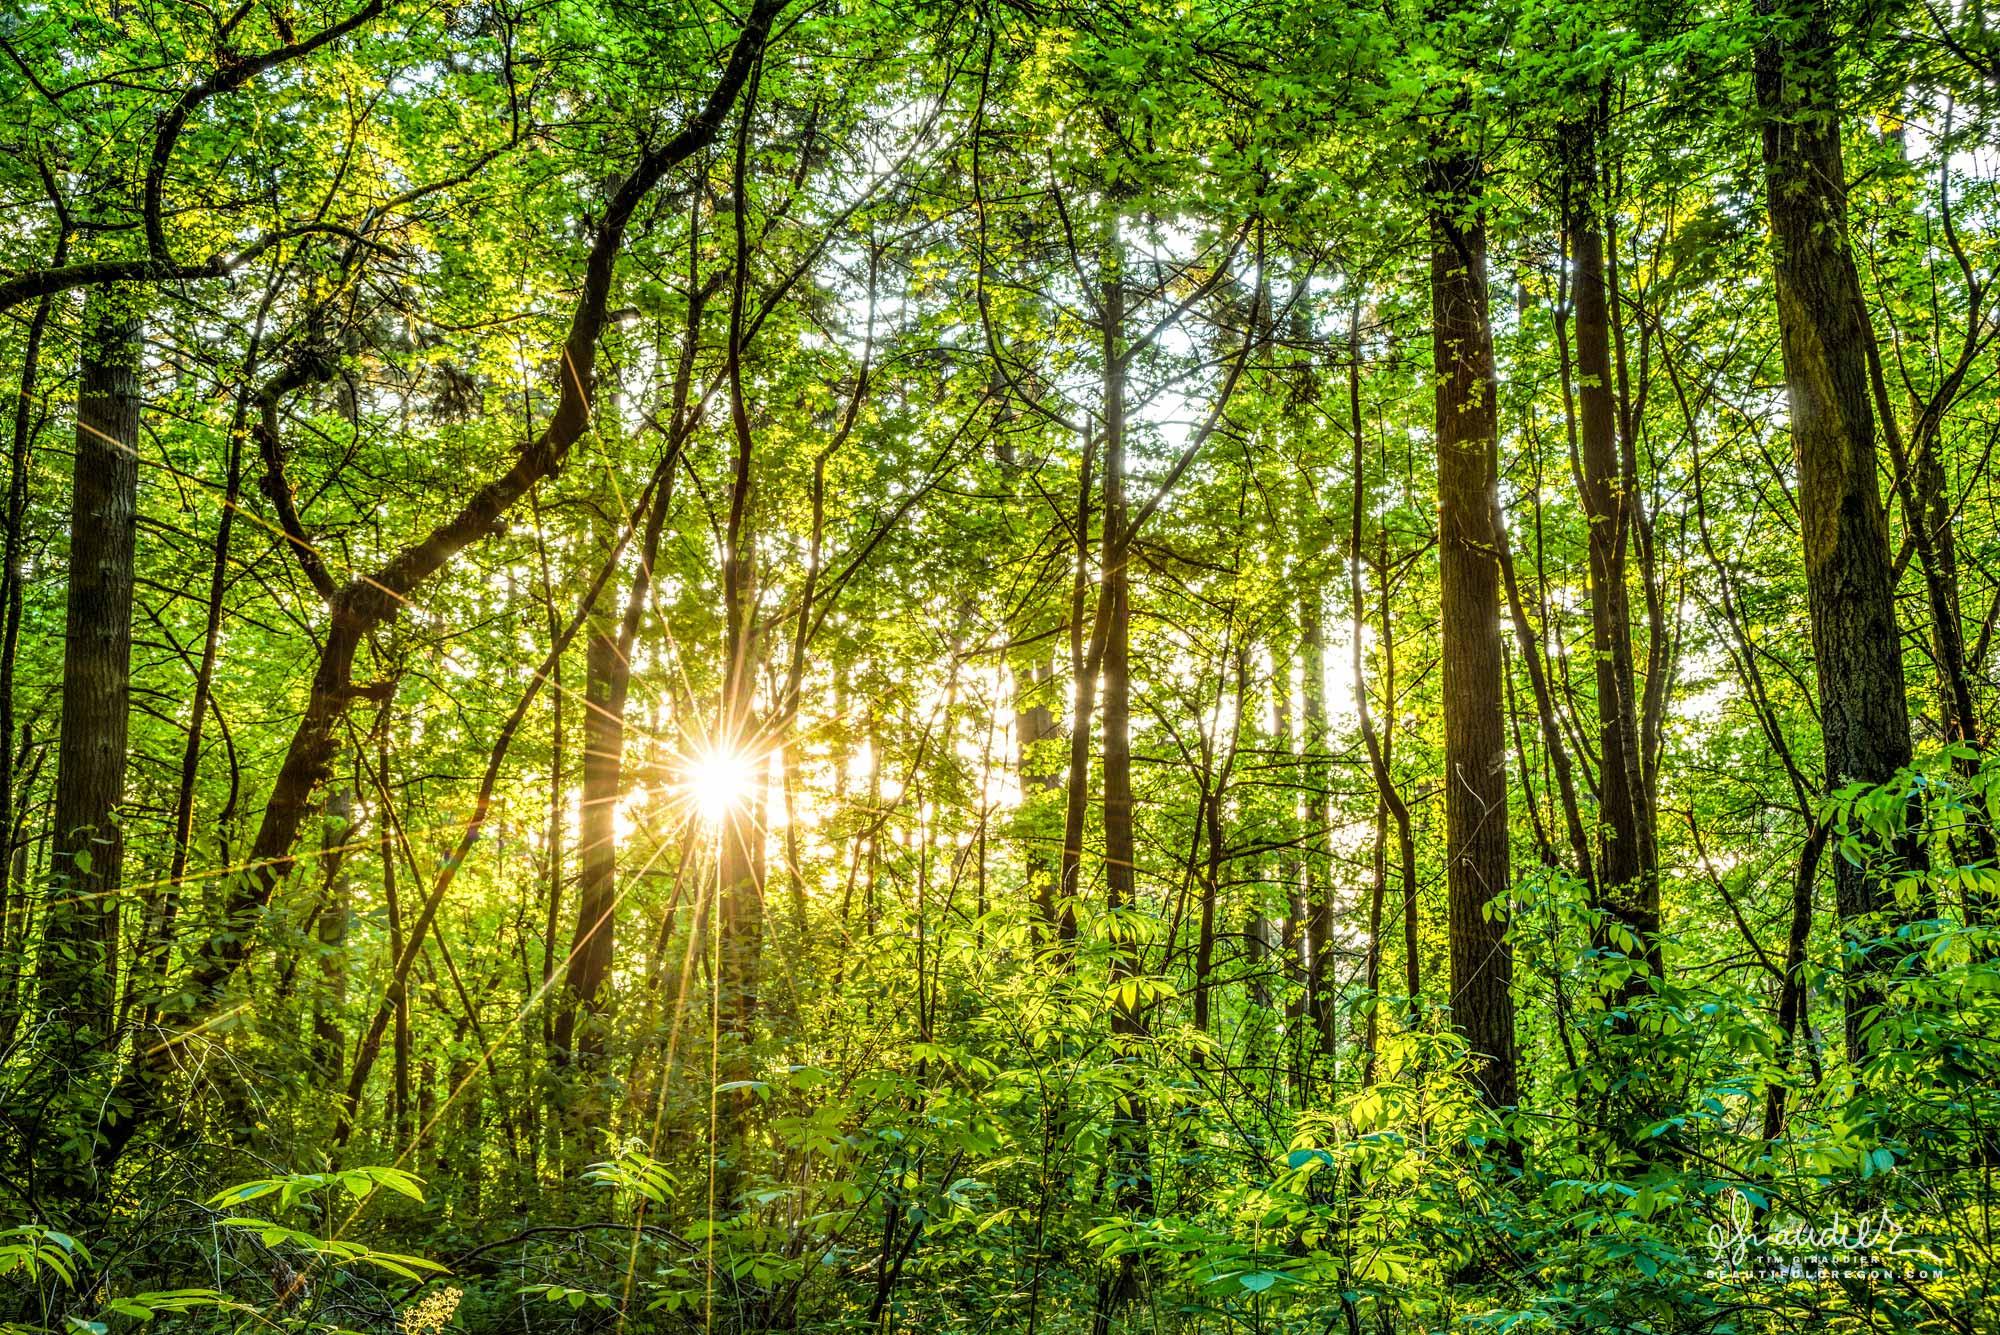 Spring-time sunset fills woodland forest of Bigleaf Maple and Doug-fir with warm light. Hendricks Park. Eugene, Oregon.